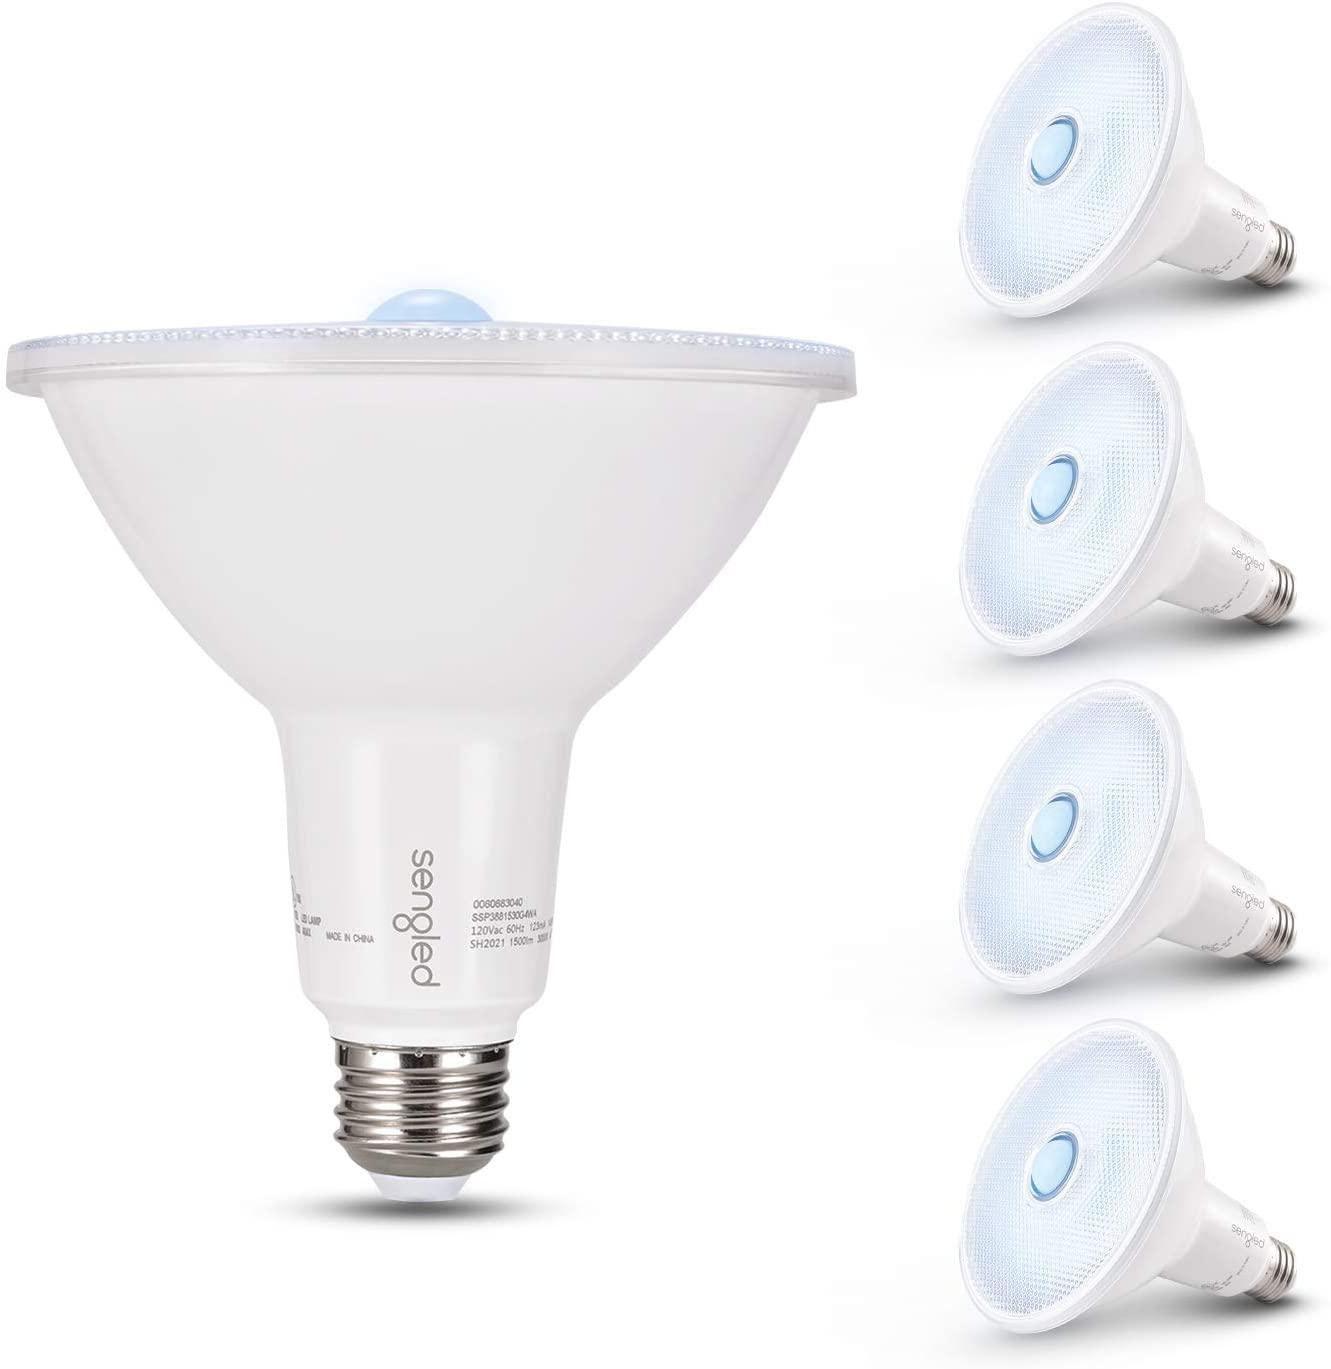 Sengled Motion Sensor Light Outdoor, Dusk to Dawn LED Outdoor Lighting, Security Flood Light PAR38 Photocell Motion Sensor, Waterproof, 5000K 1500LM, 4 Pack